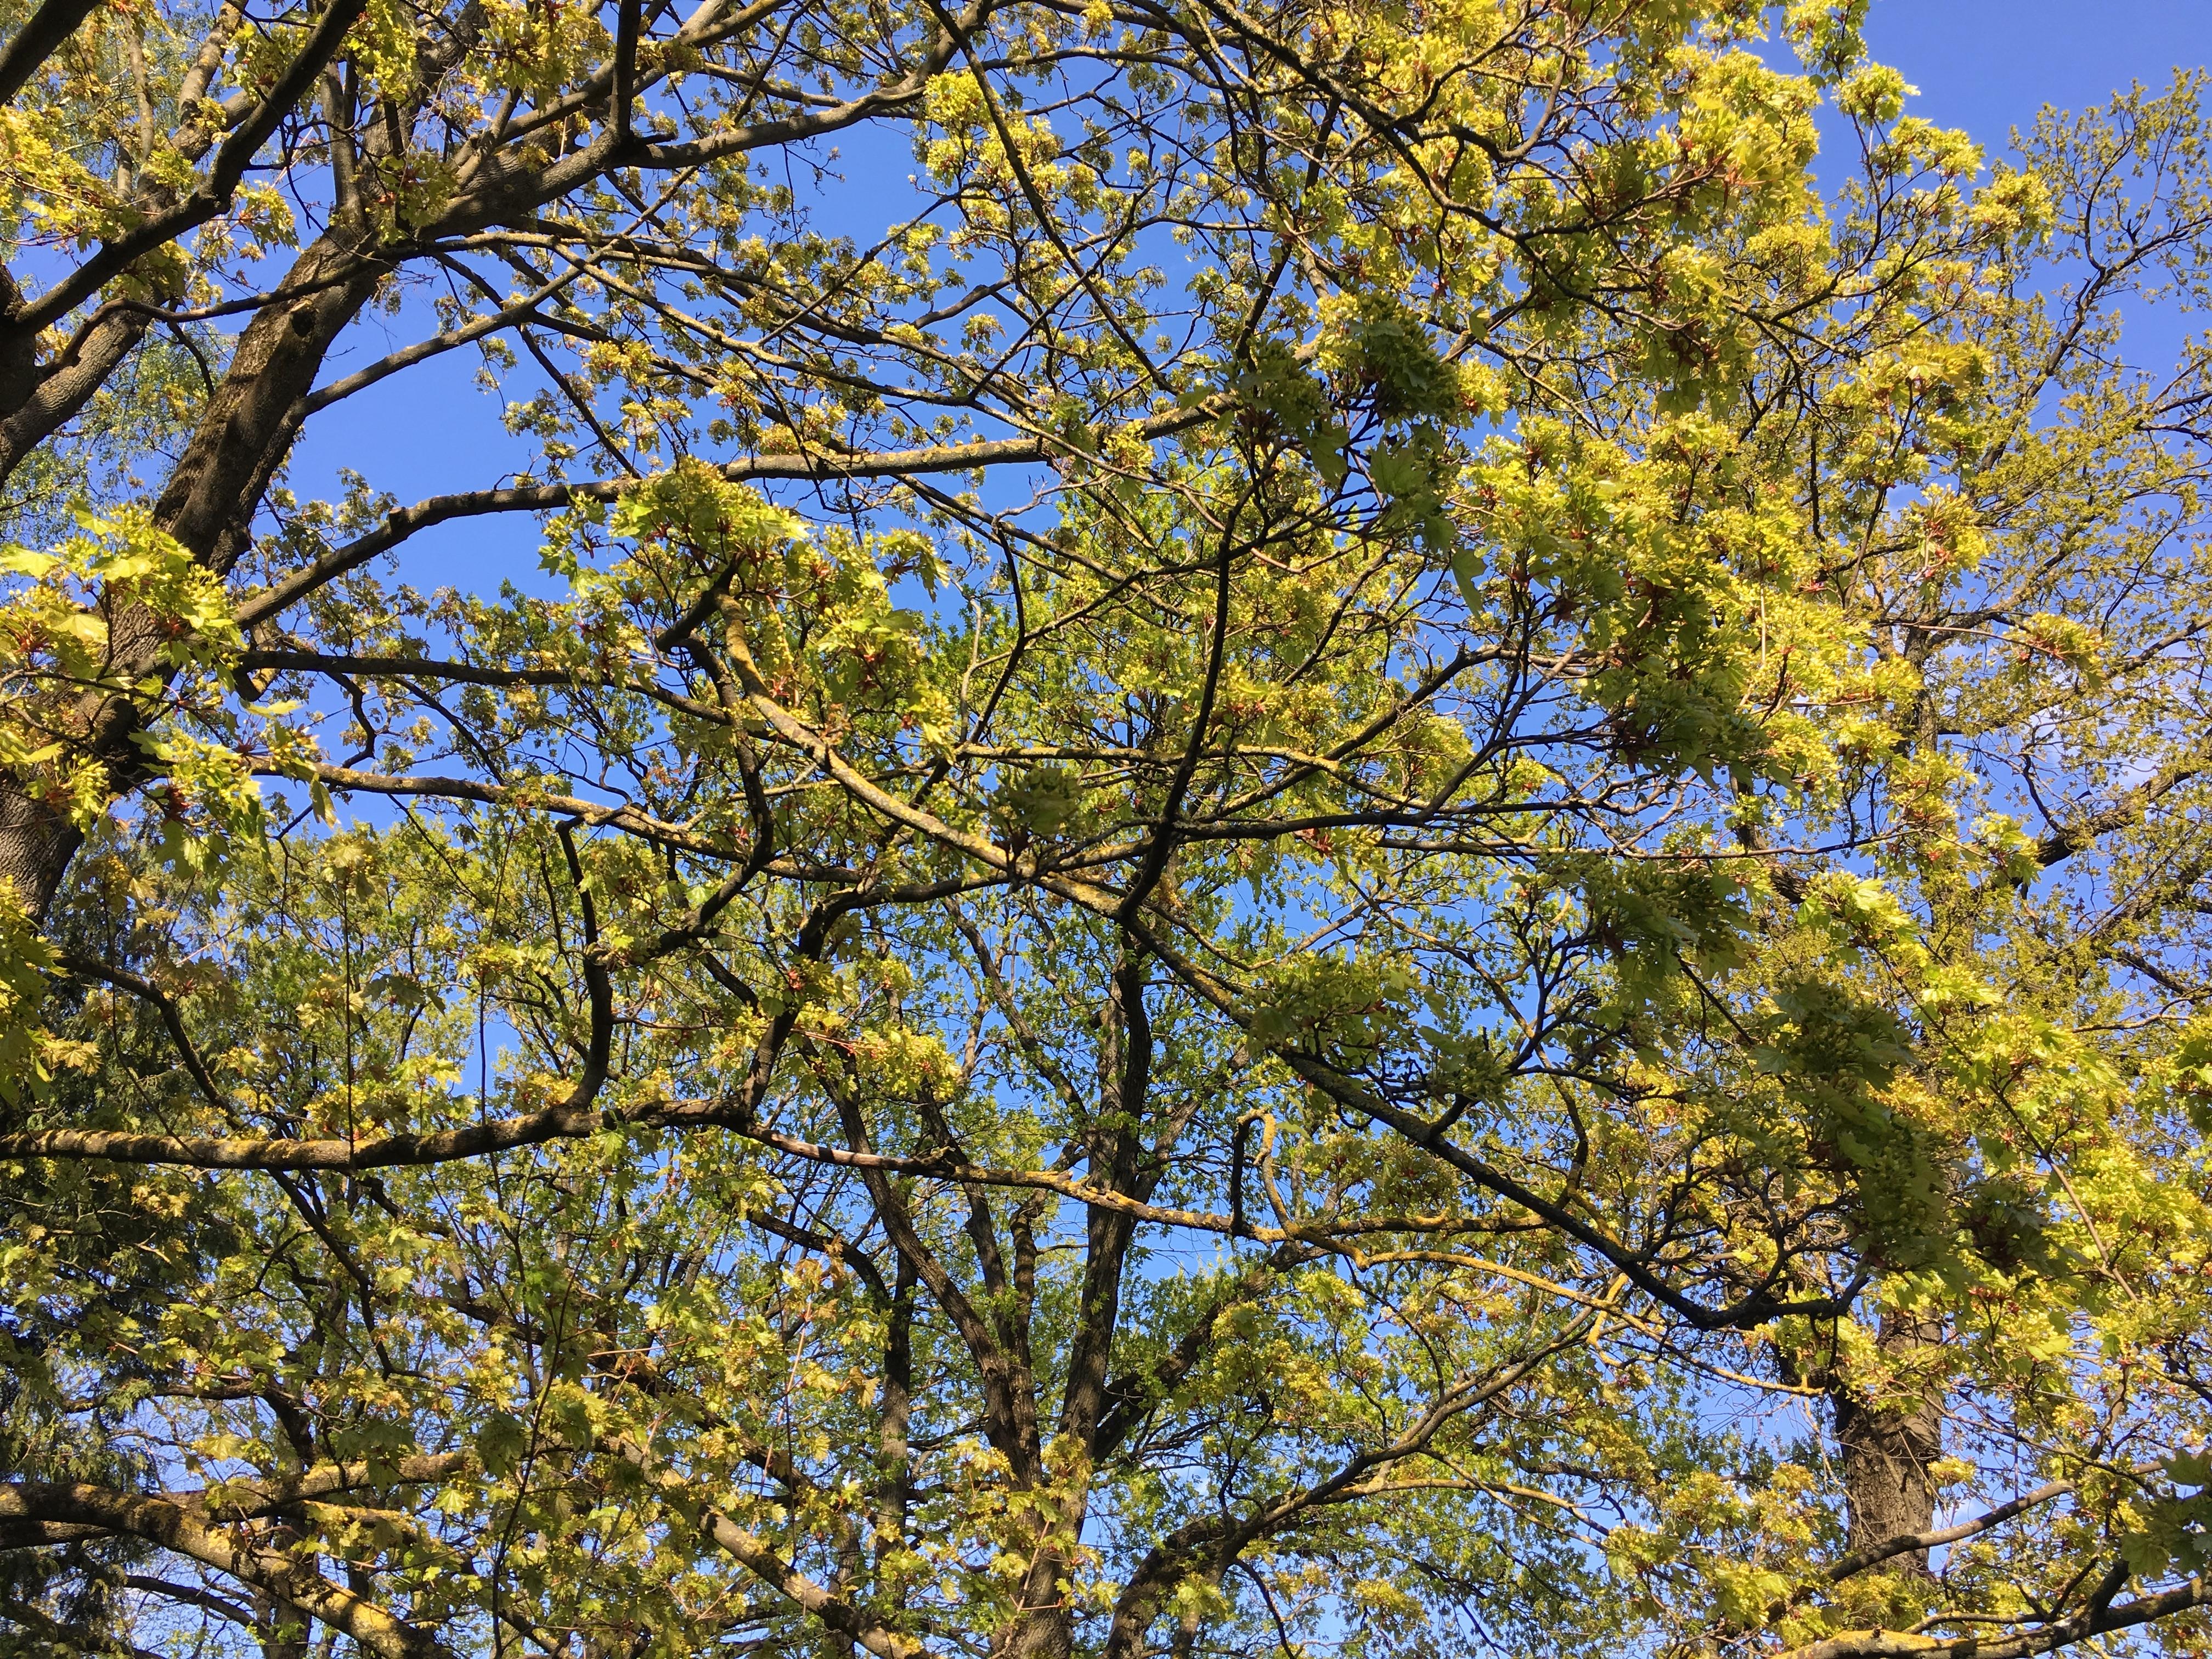 Рыбалка небо дерево лещ май речной пейзаж юрмала лиелупе пейзажи природы Альберт Сафиуллин